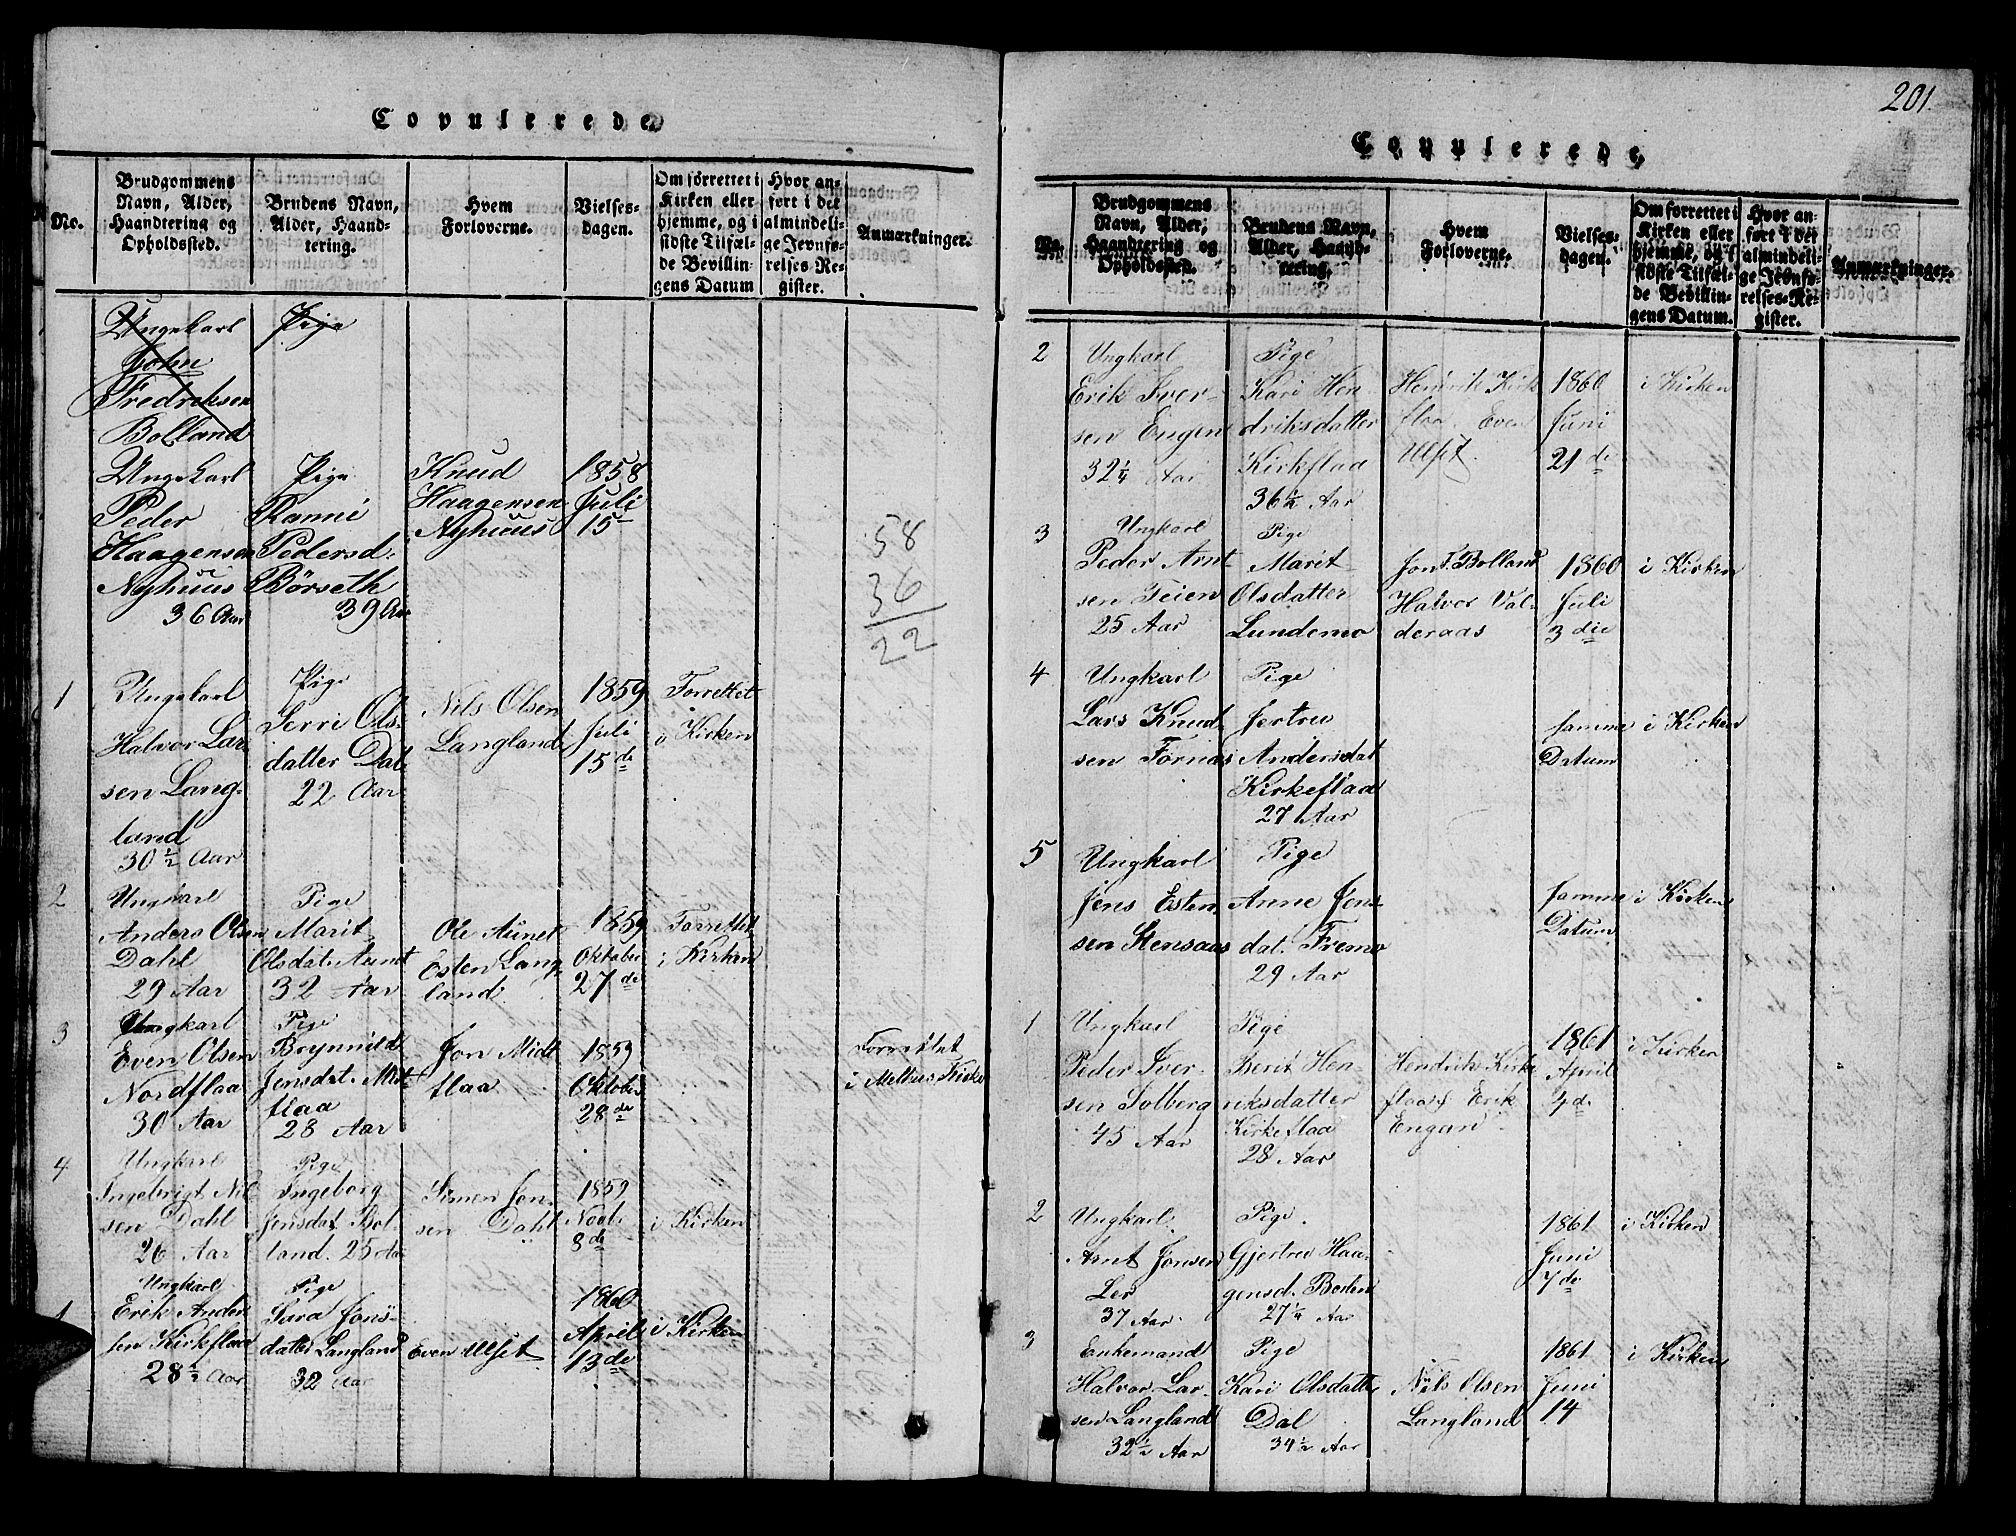 SAT, Ministerialprotokoller, klokkerbøker og fødselsregistre - Sør-Trøndelag, 693/L1121: Klokkerbok nr. 693C02, 1816-1869, s. 201